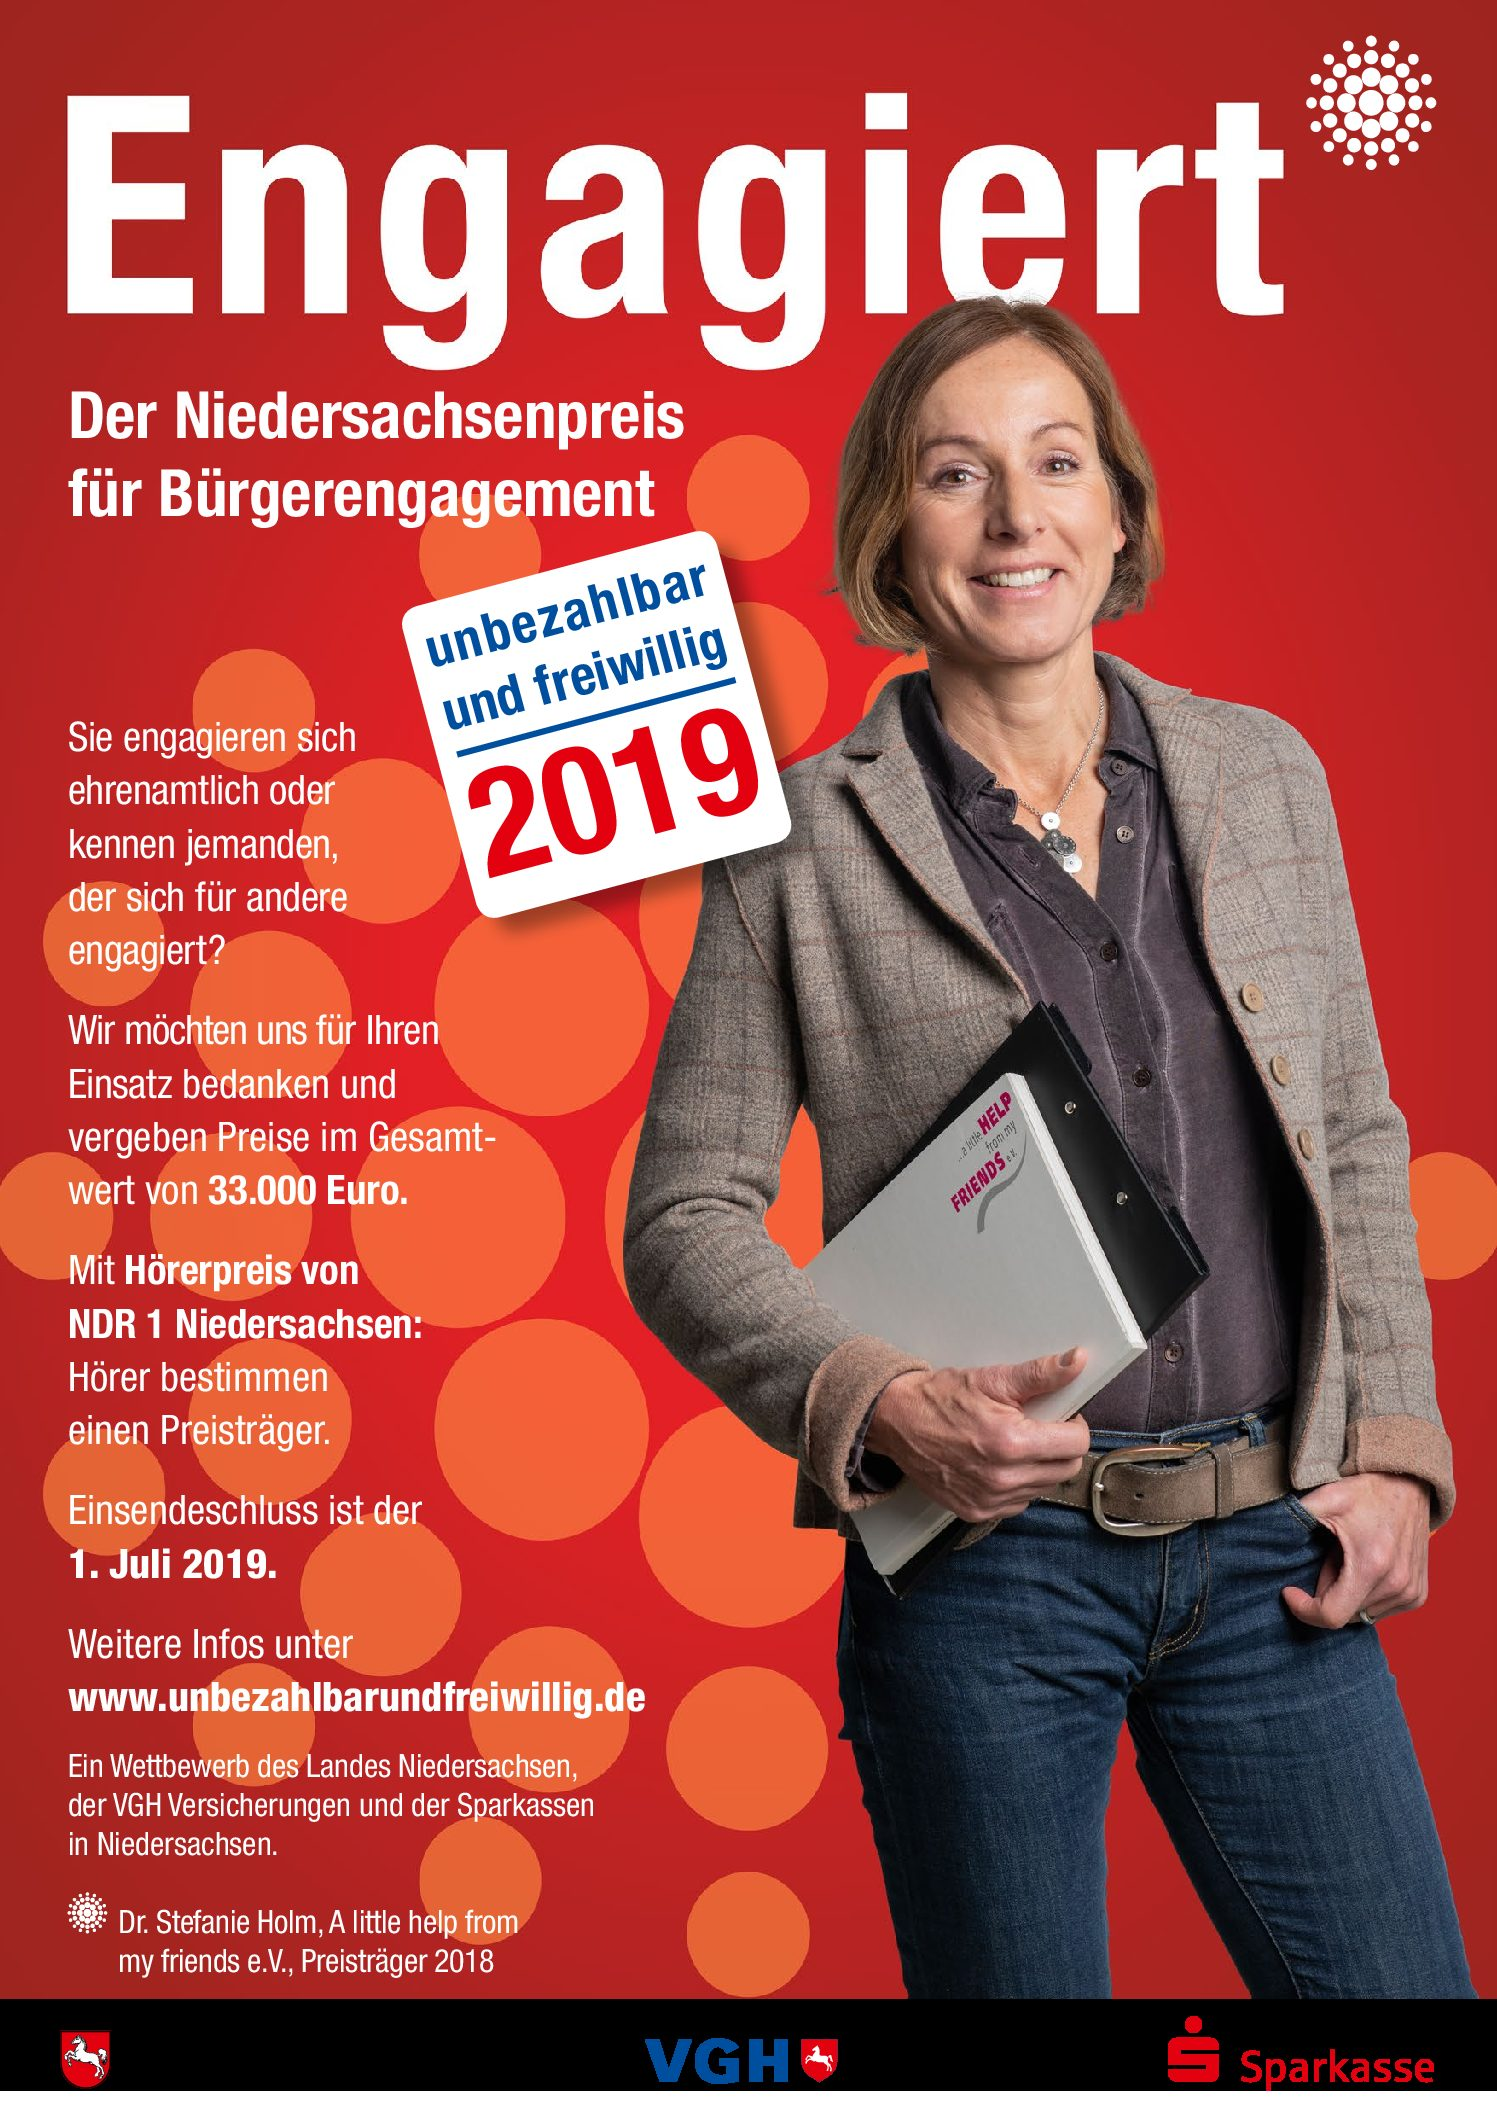 Der Niedersachsenpreis für Bürgerengagement